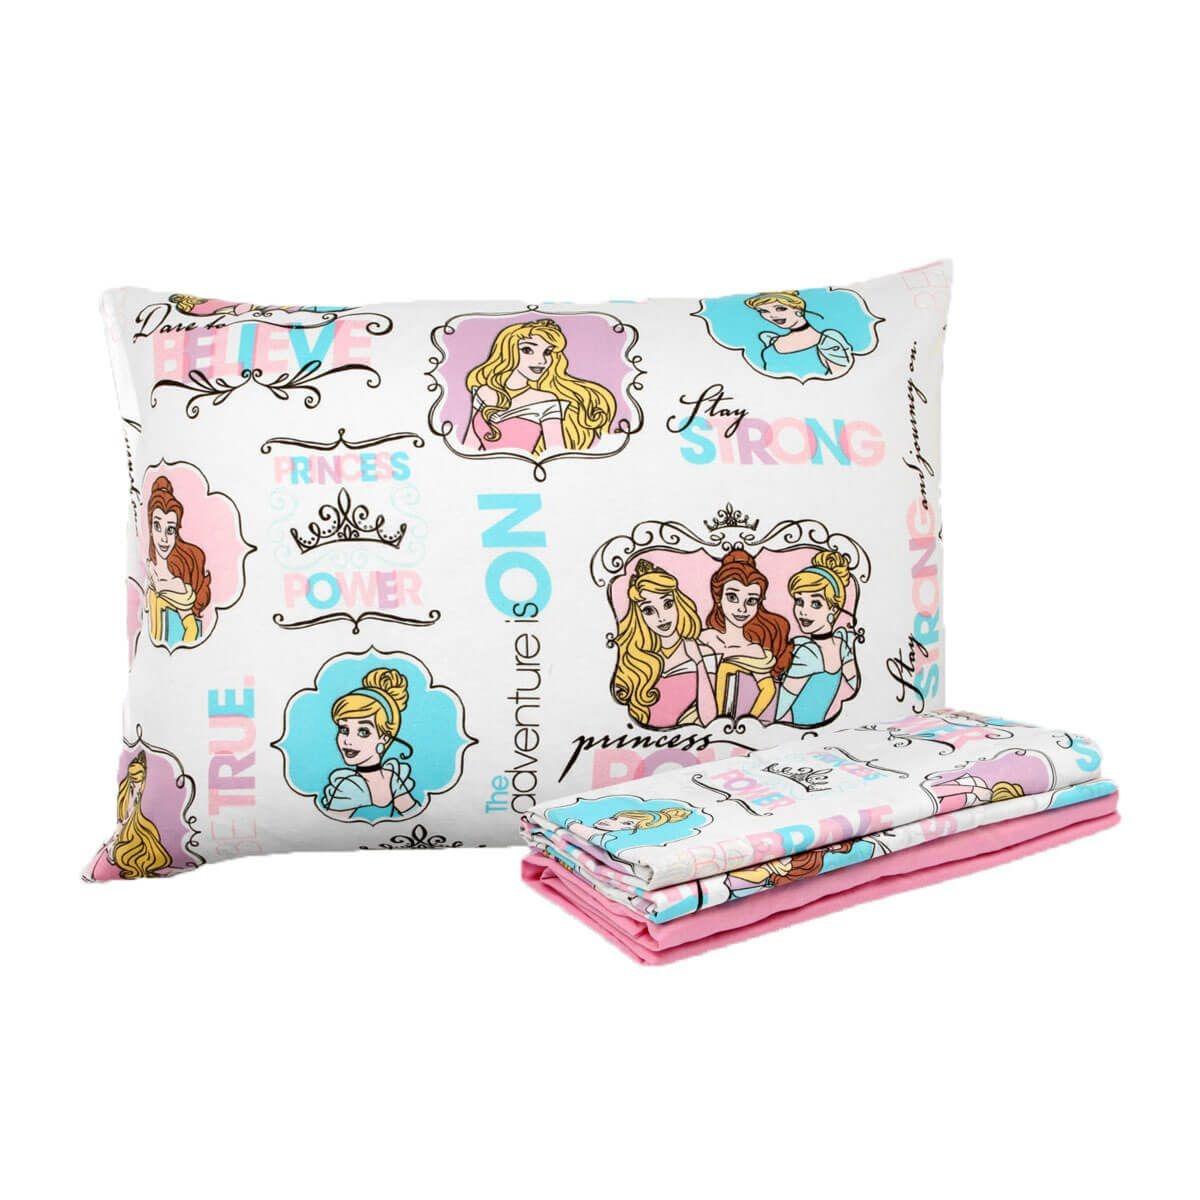 de8af046c3 Carregando zoom... jogo de cama 3 peças princesas disney para quarto de  menina